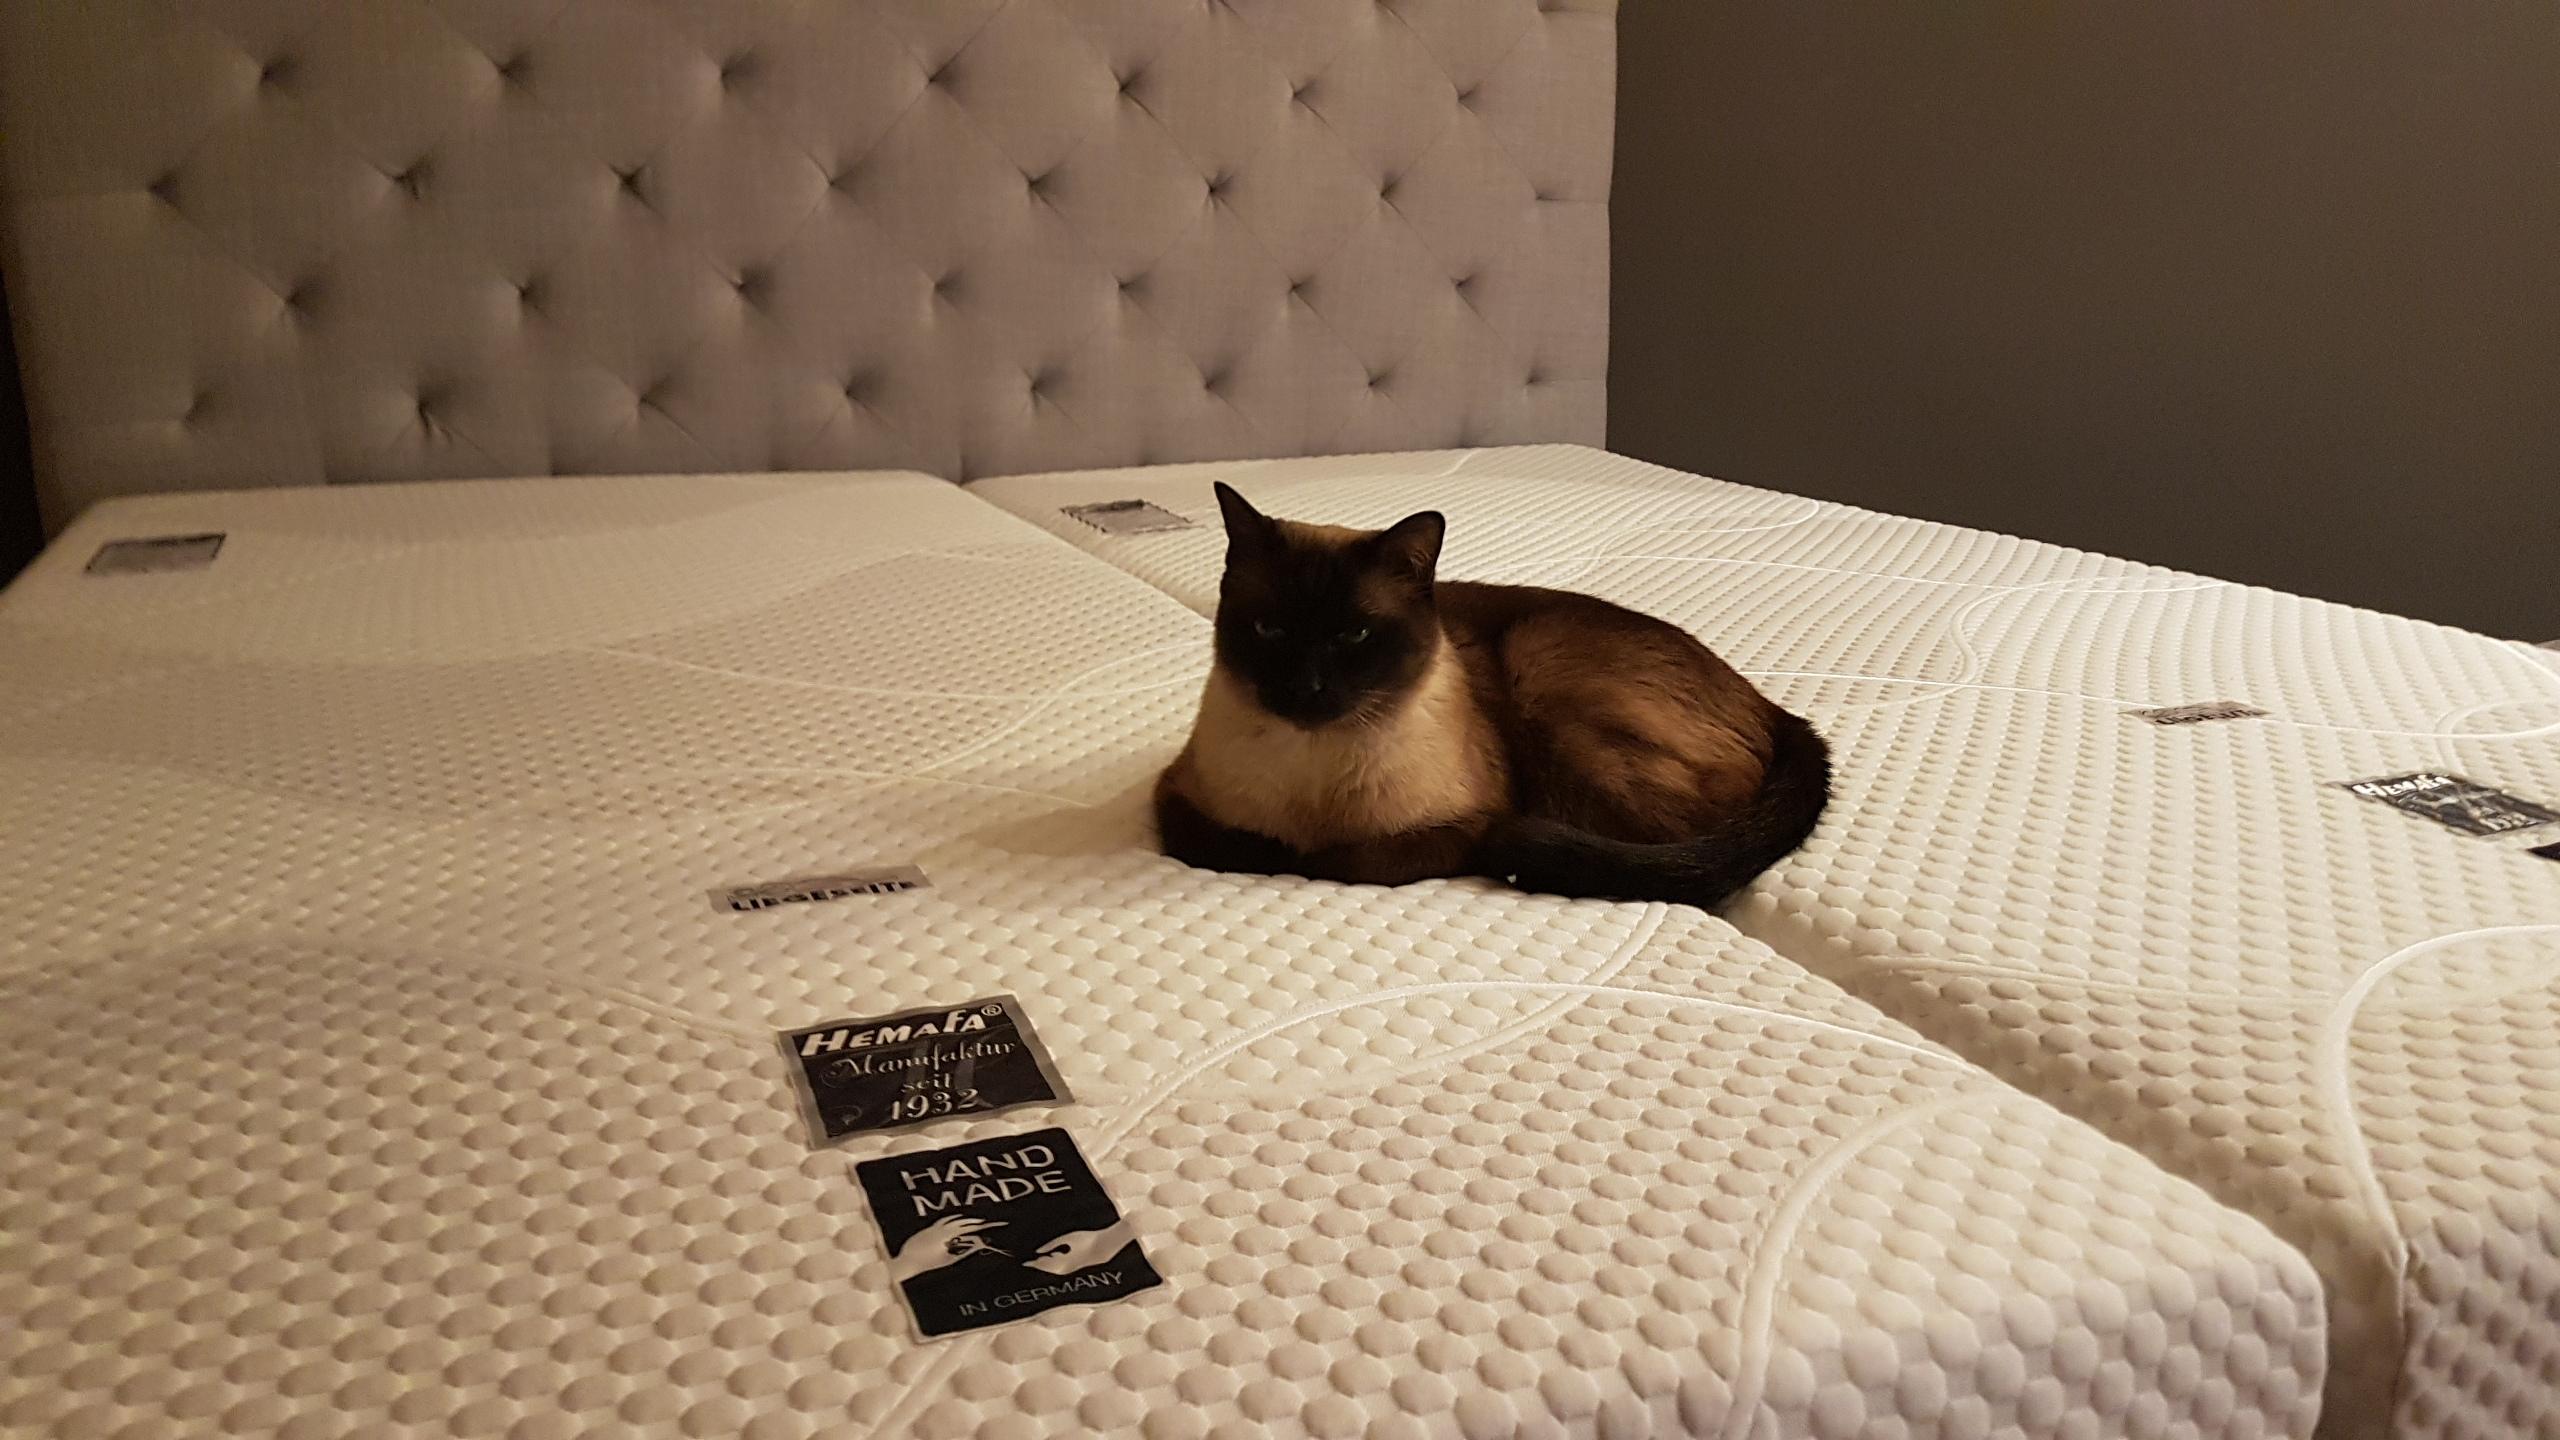 hemafa smaragd 23 watergel 2400 testsieger im top20 test matratzen 2018 gerald malter. Black Bedroom Furniture Sets. Home Design Ideas